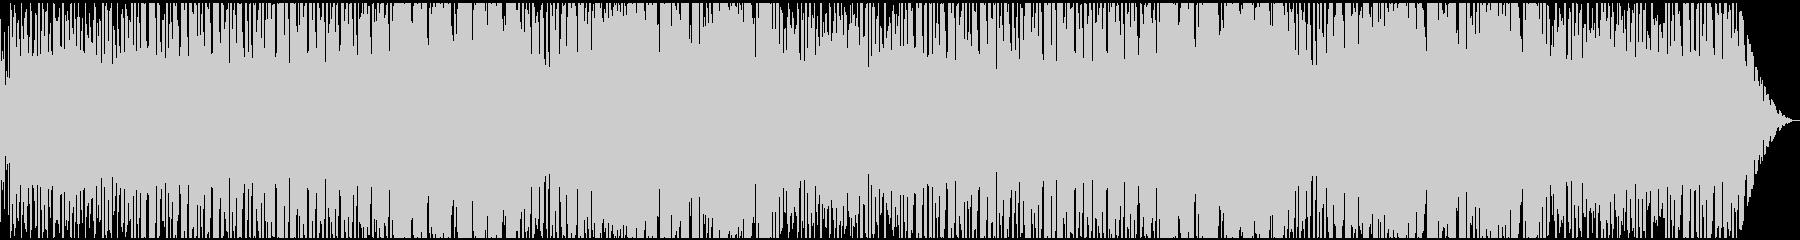 ハードボイルド~逃走~緊迫感なジャズの未再生の波形